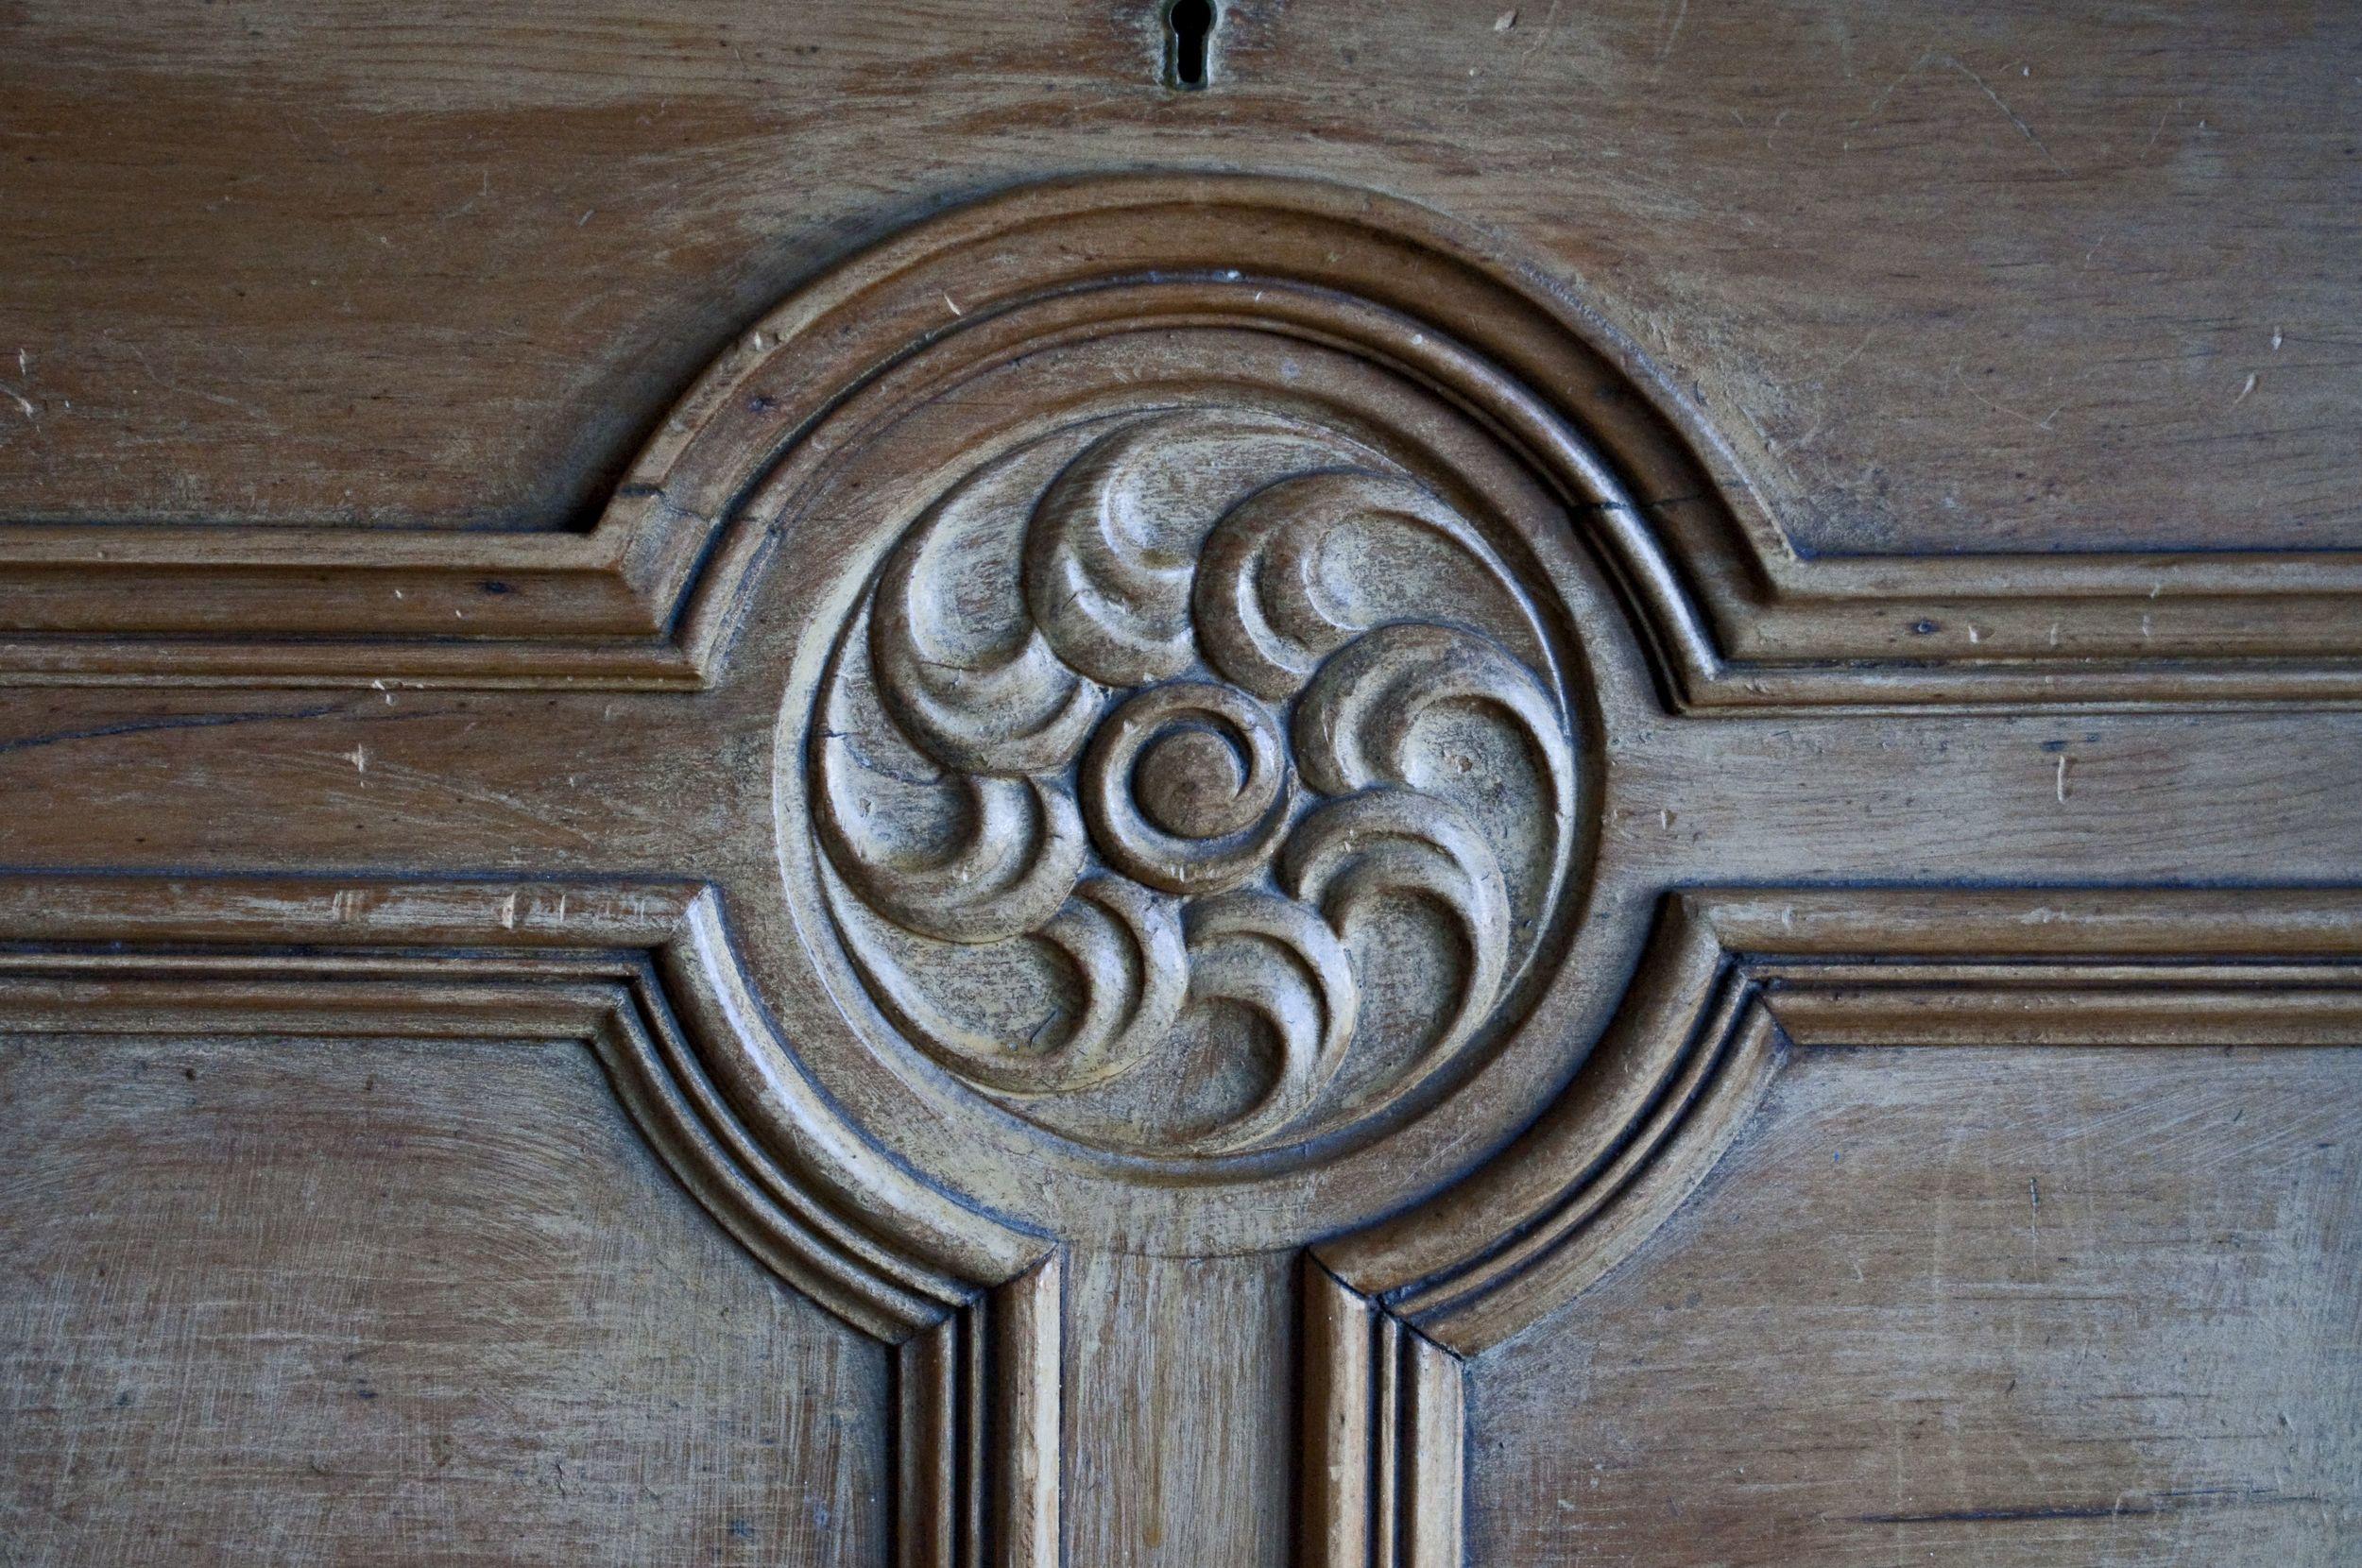 A Briarcourt bureau motif - borrowed from a Jacobean hall?